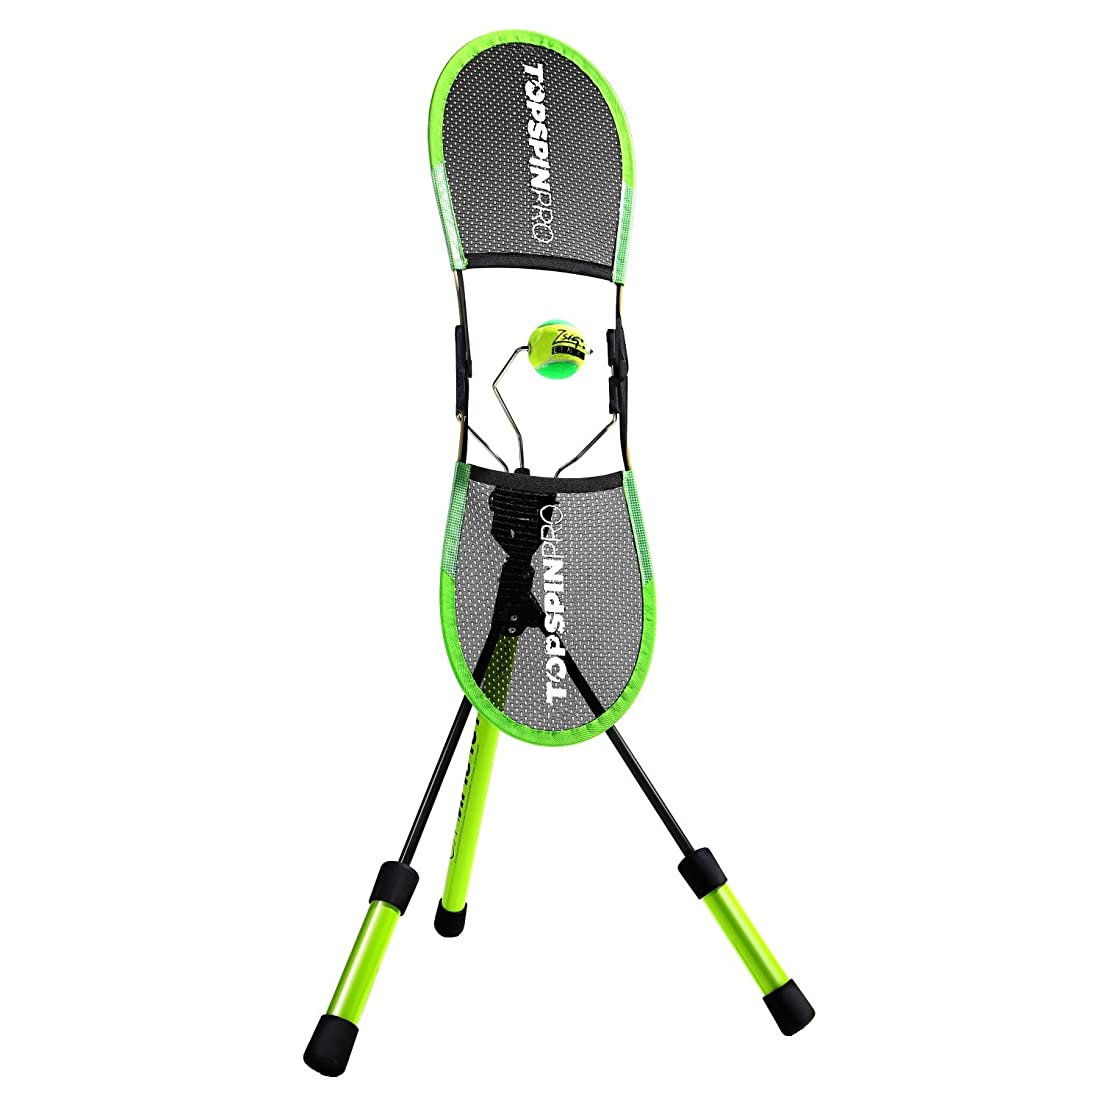 精通した満たすカーフテニス 練習 テニストレーナー 硬式テニス ジュニア トレーニング ボール3つ付 プラスチック